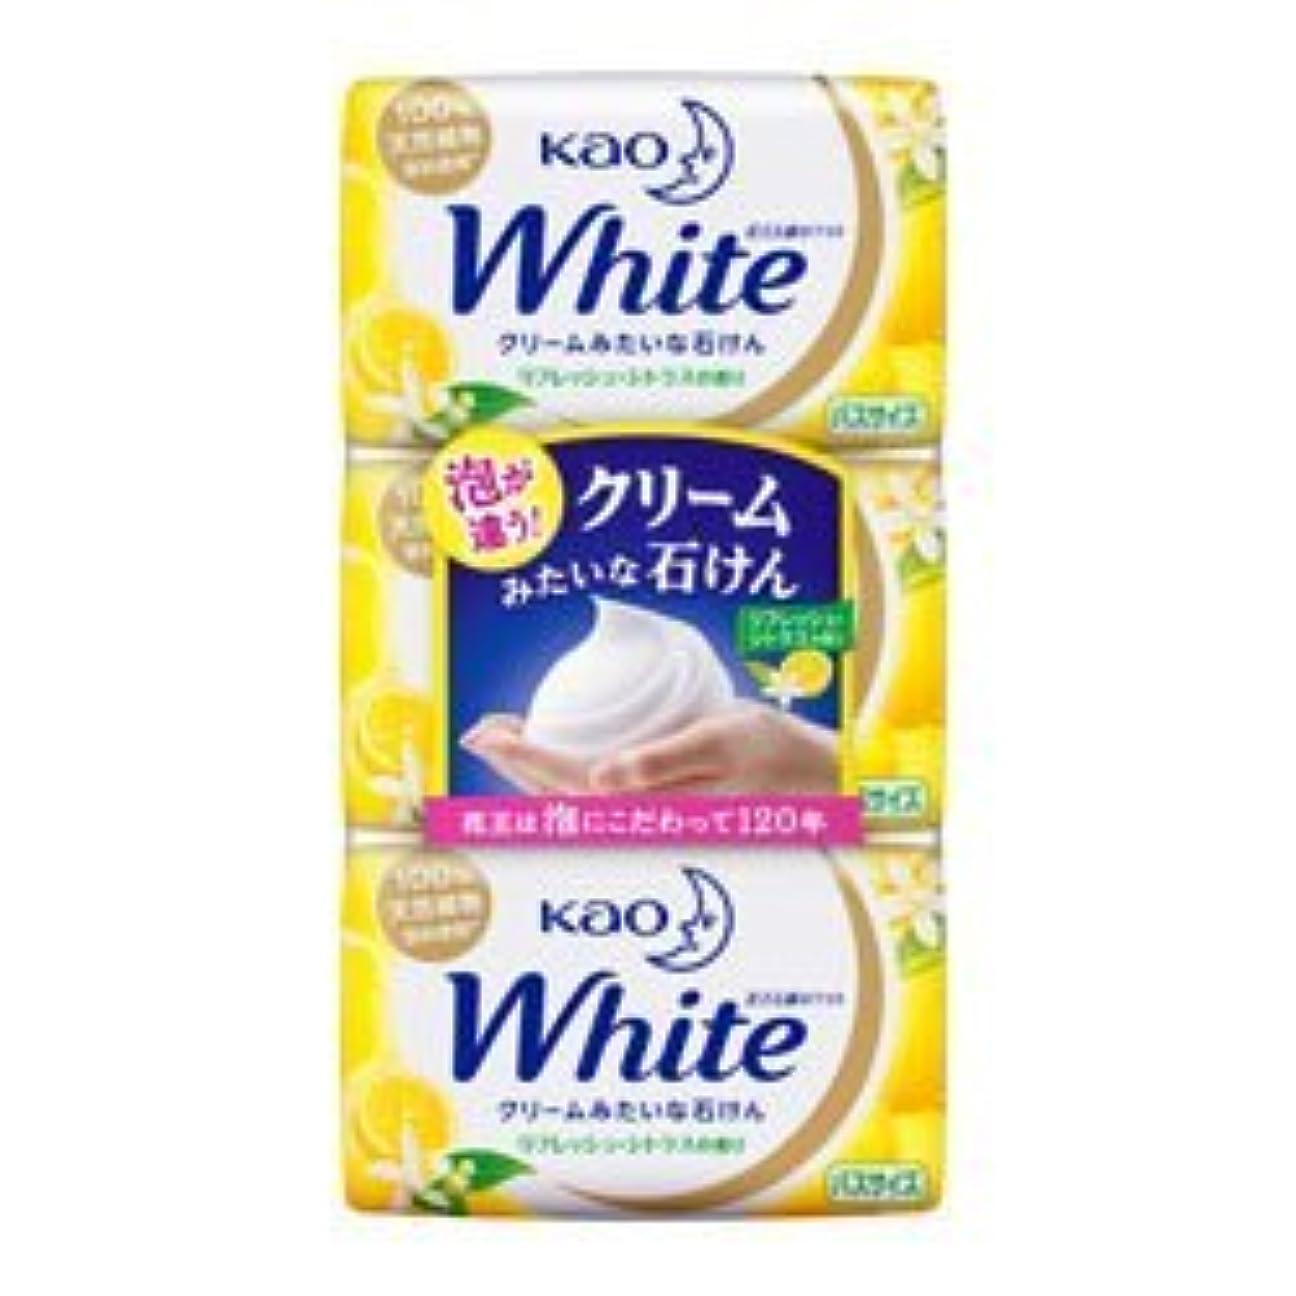 熟読付録教育する【花王】ホワイト リフレッシュ?シトラスの香り バスサイズ 130g×3個入 ×3個セット